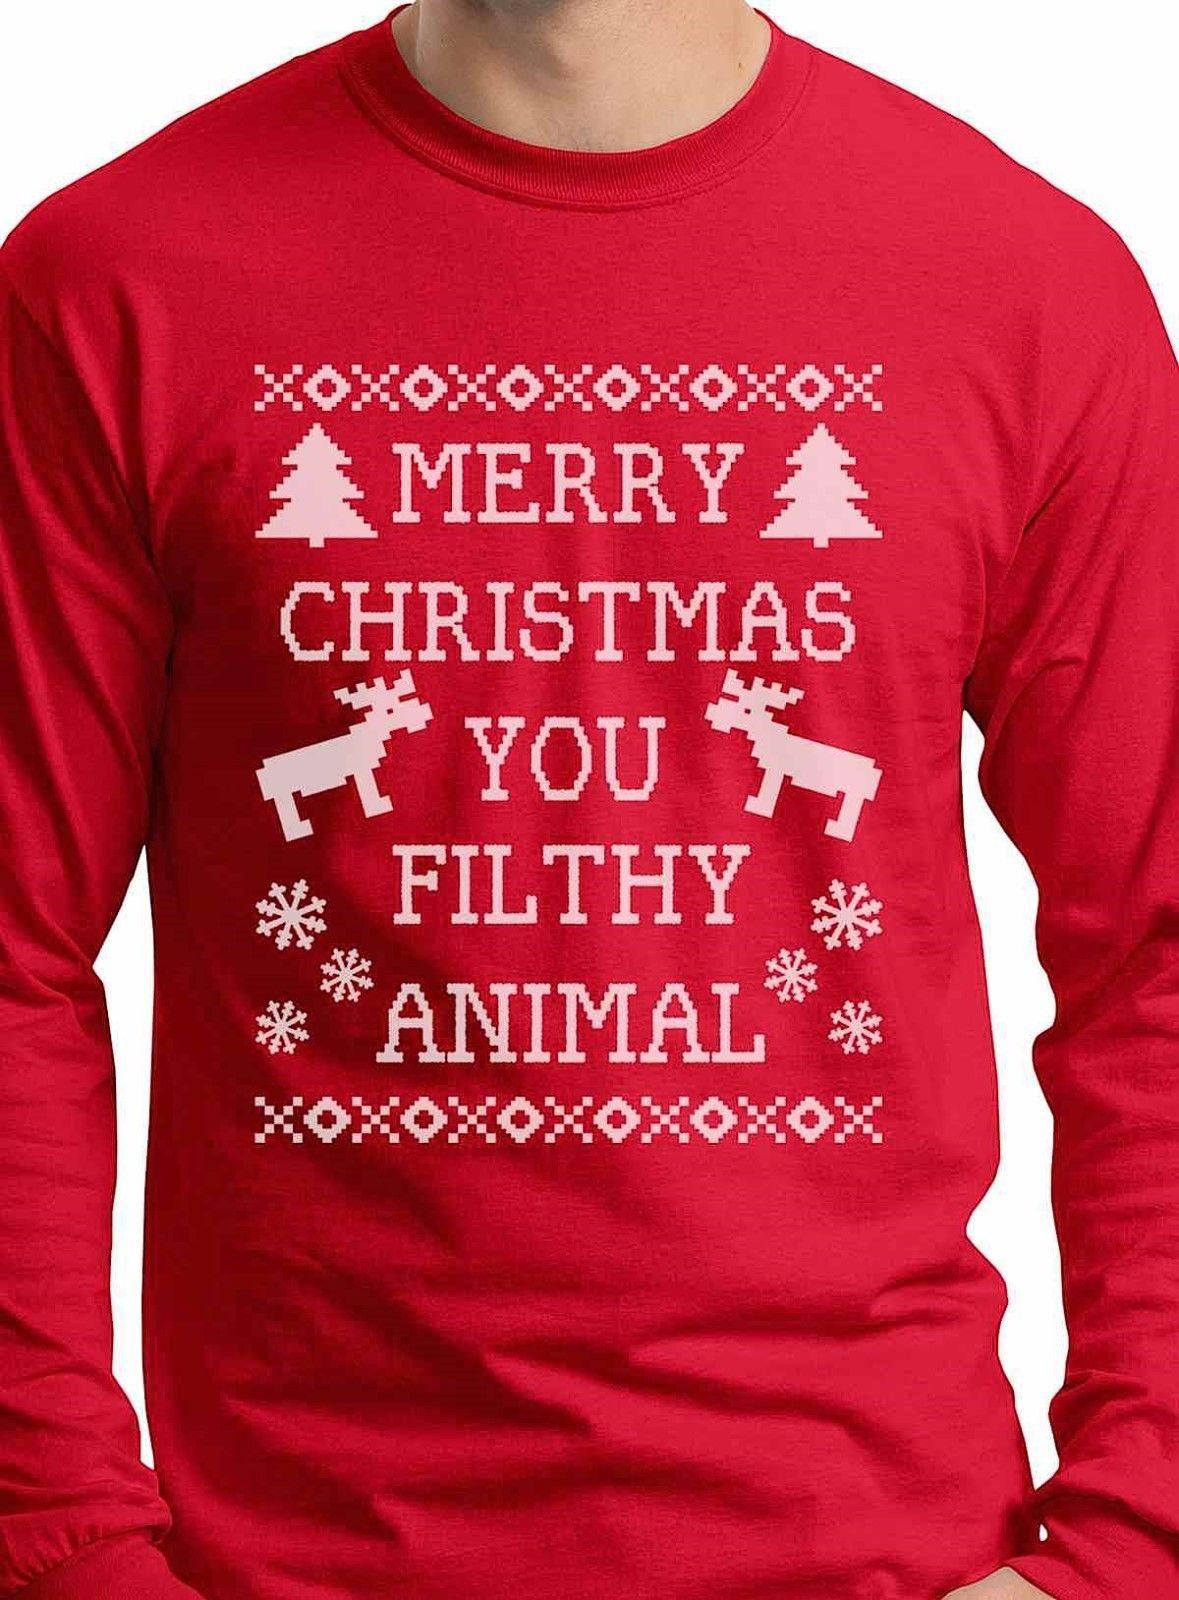 Merry Christmas You Filthy Animal Funny Christmas Gift For Guys Home ...